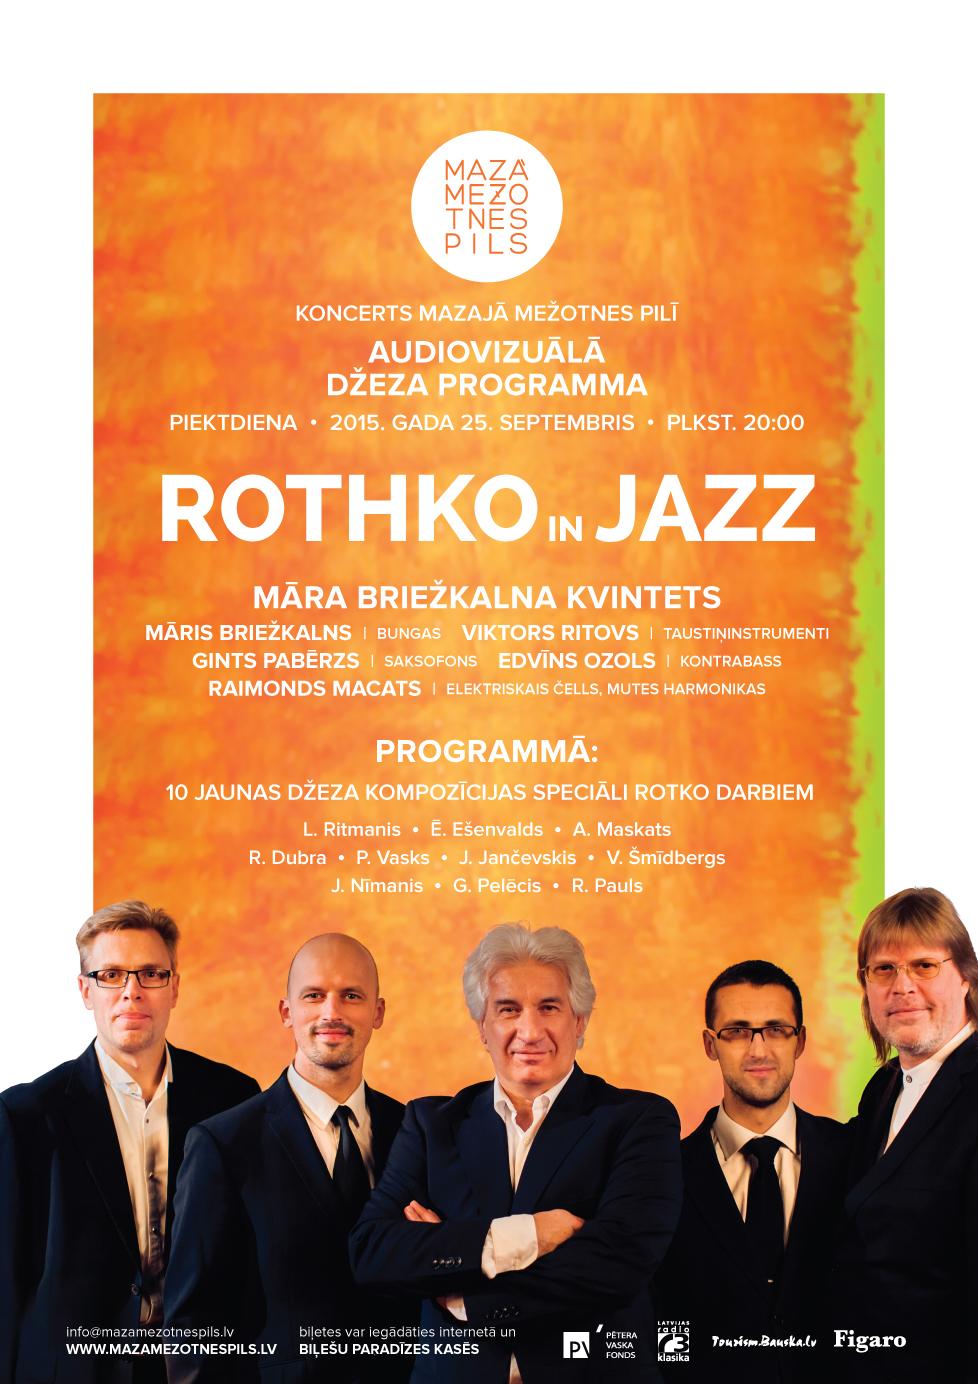 MMP_RothoInJazz_Poster_A1.jpg